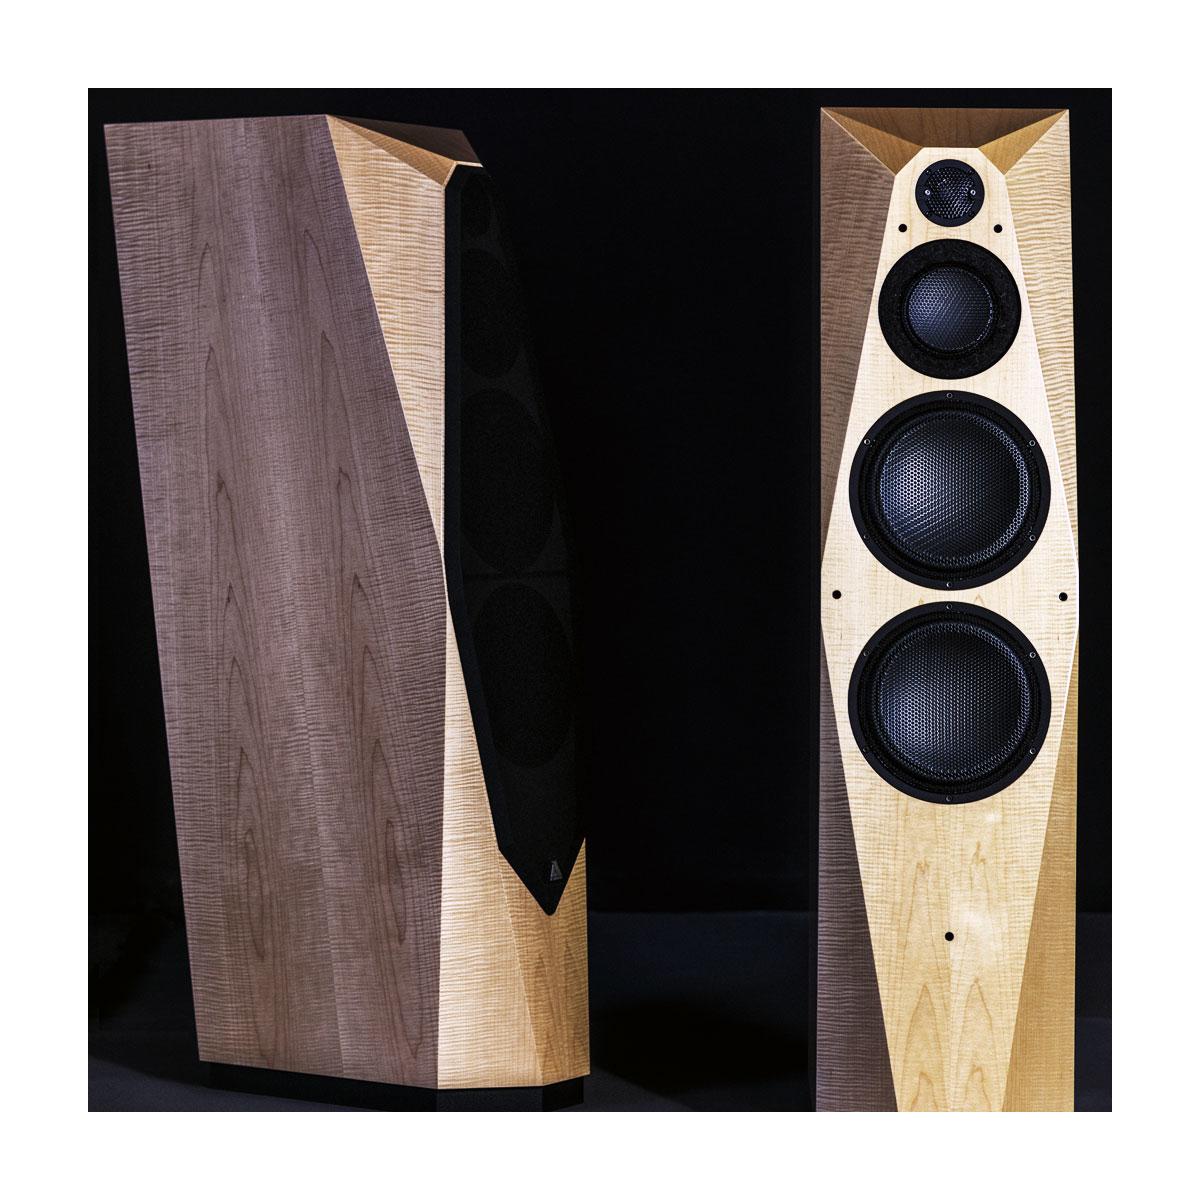 Avalon Acoustics Compas Diamond Maple 価格お問い合わせください。 アヴァロン スピーカーシステム